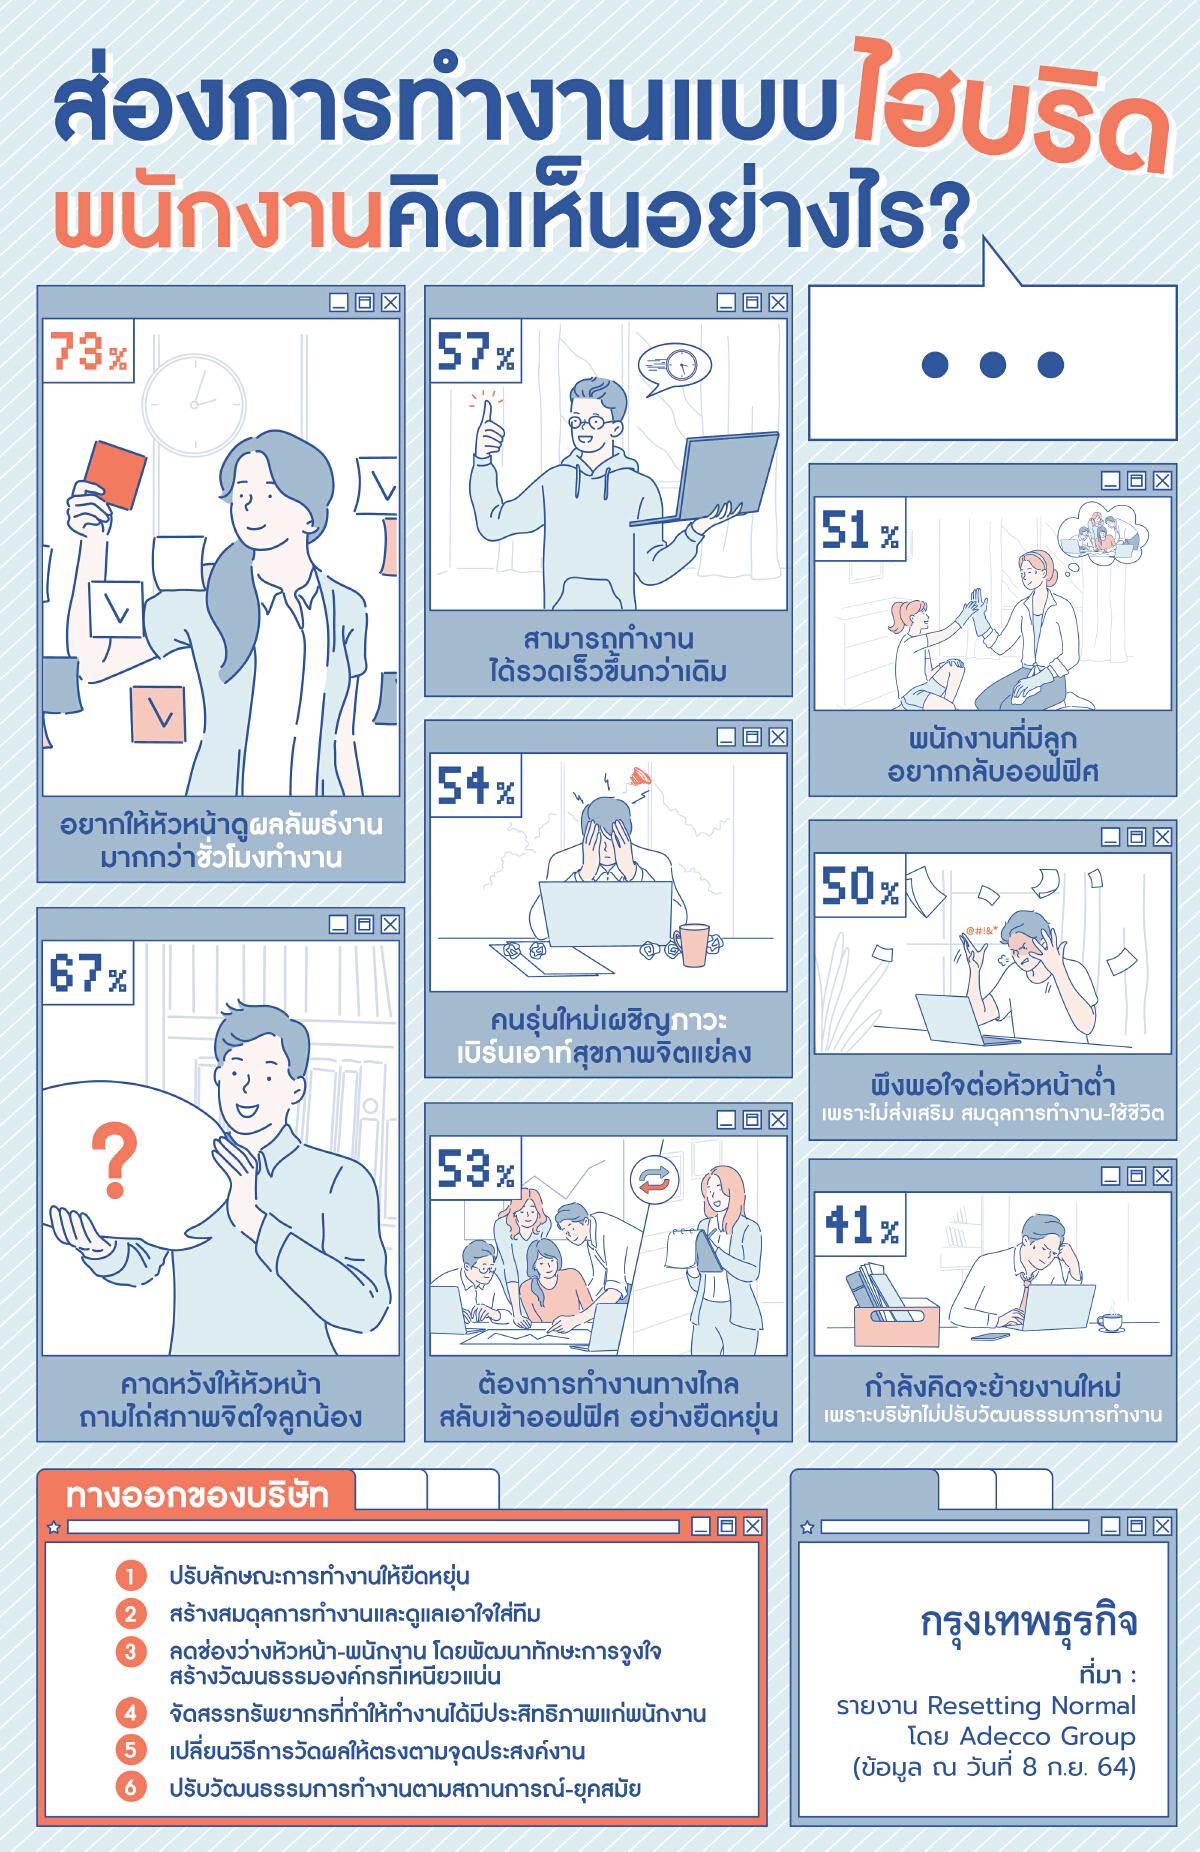 ชวนรู้ การทำงานแบบ 'ไฮบริด' มีประสิทธิภาพต่อพนักงานอย่างไร?